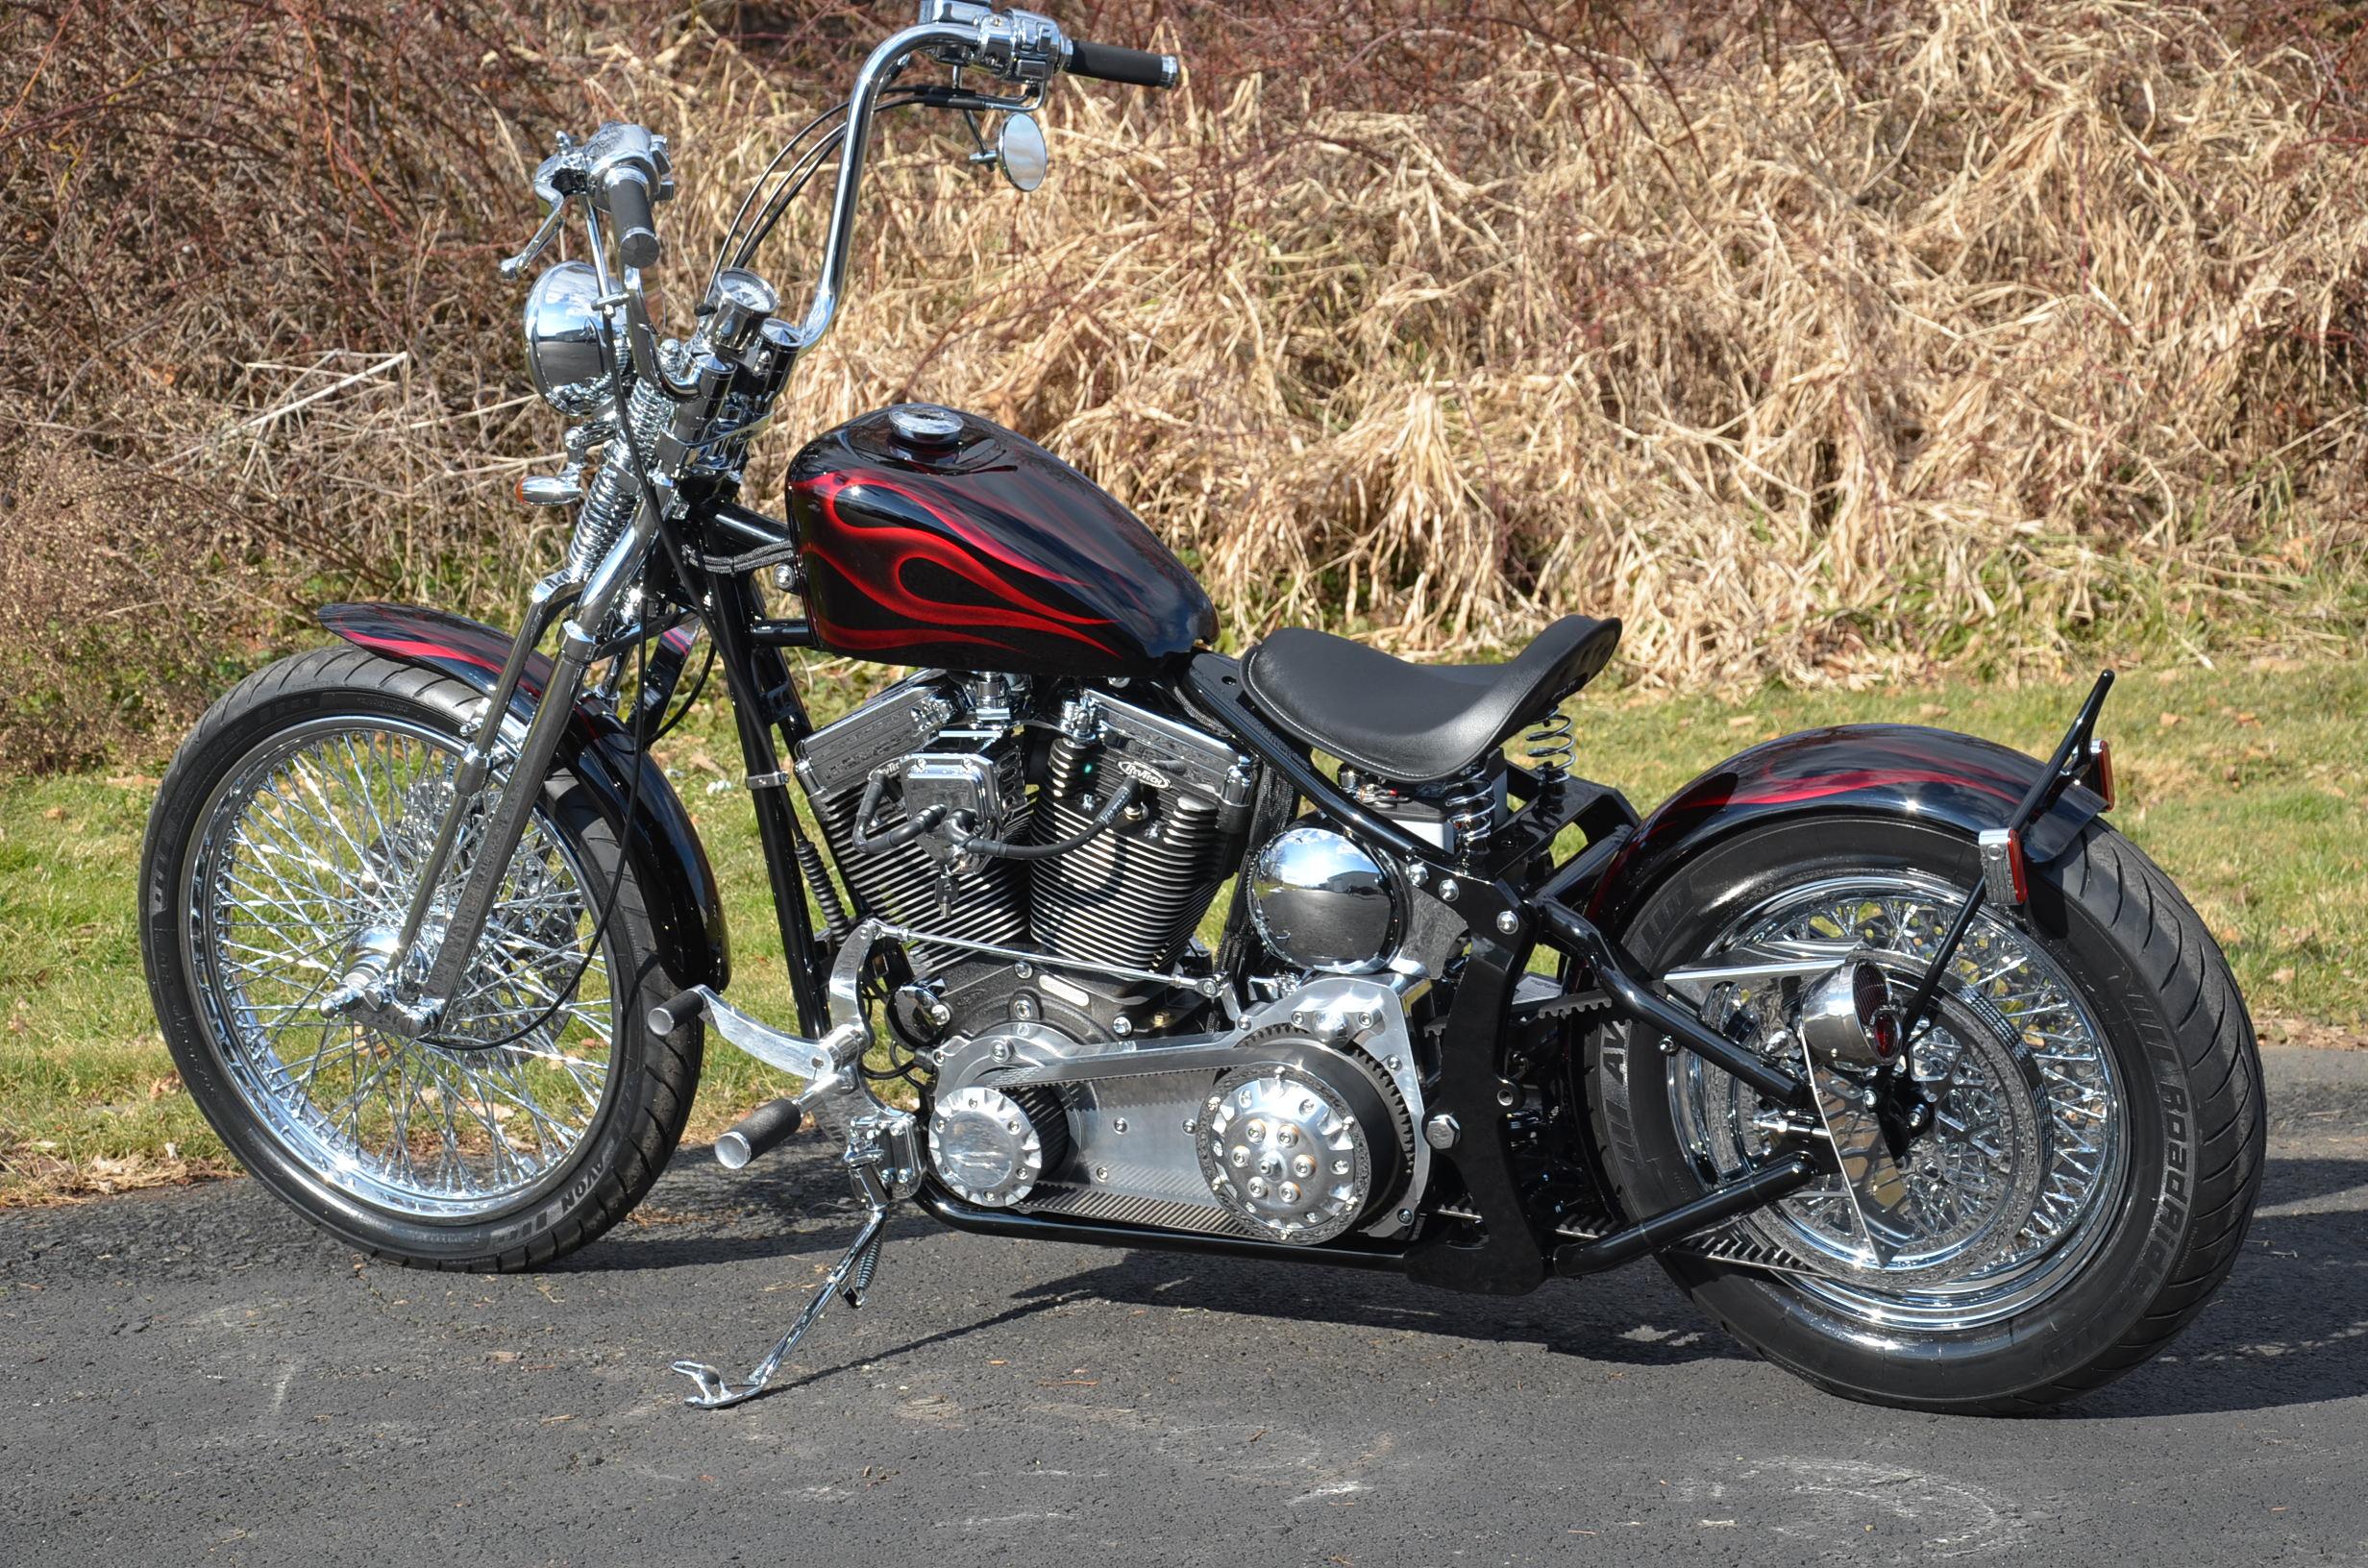 American Classic Motors Rigid Chopper Ebay  JoBSPapa.com